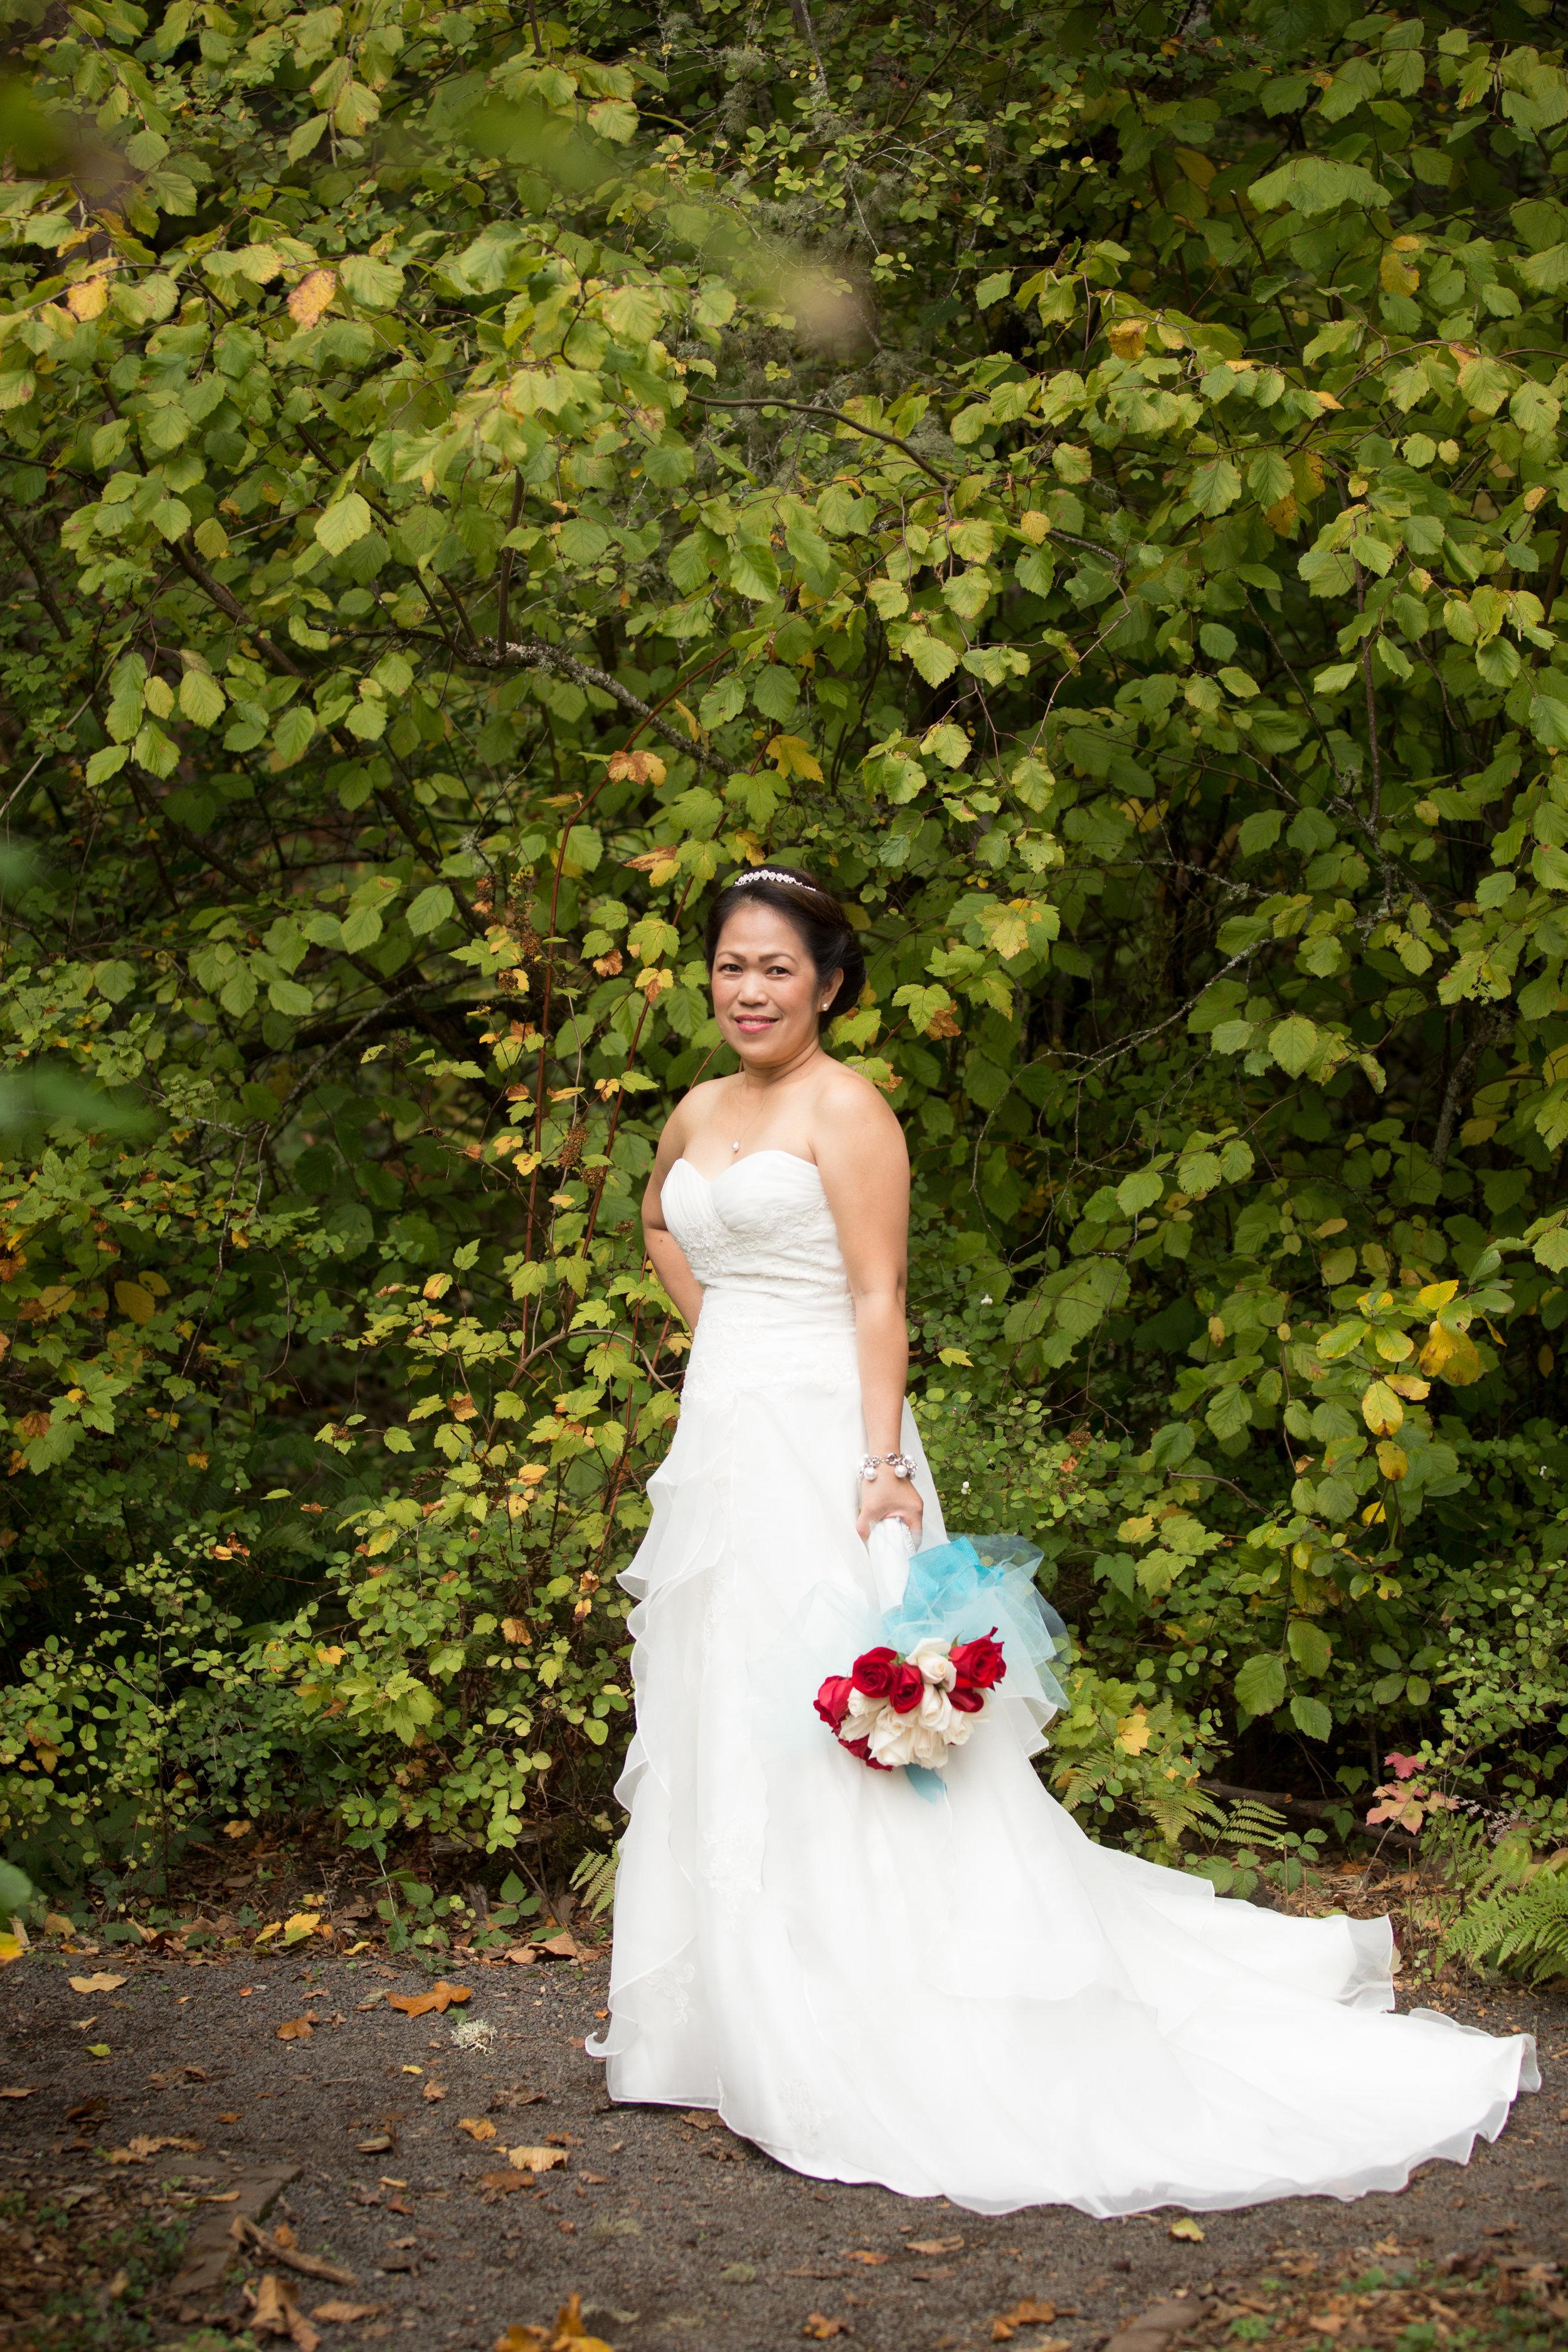 wedding_2015-10-17-55.jpg